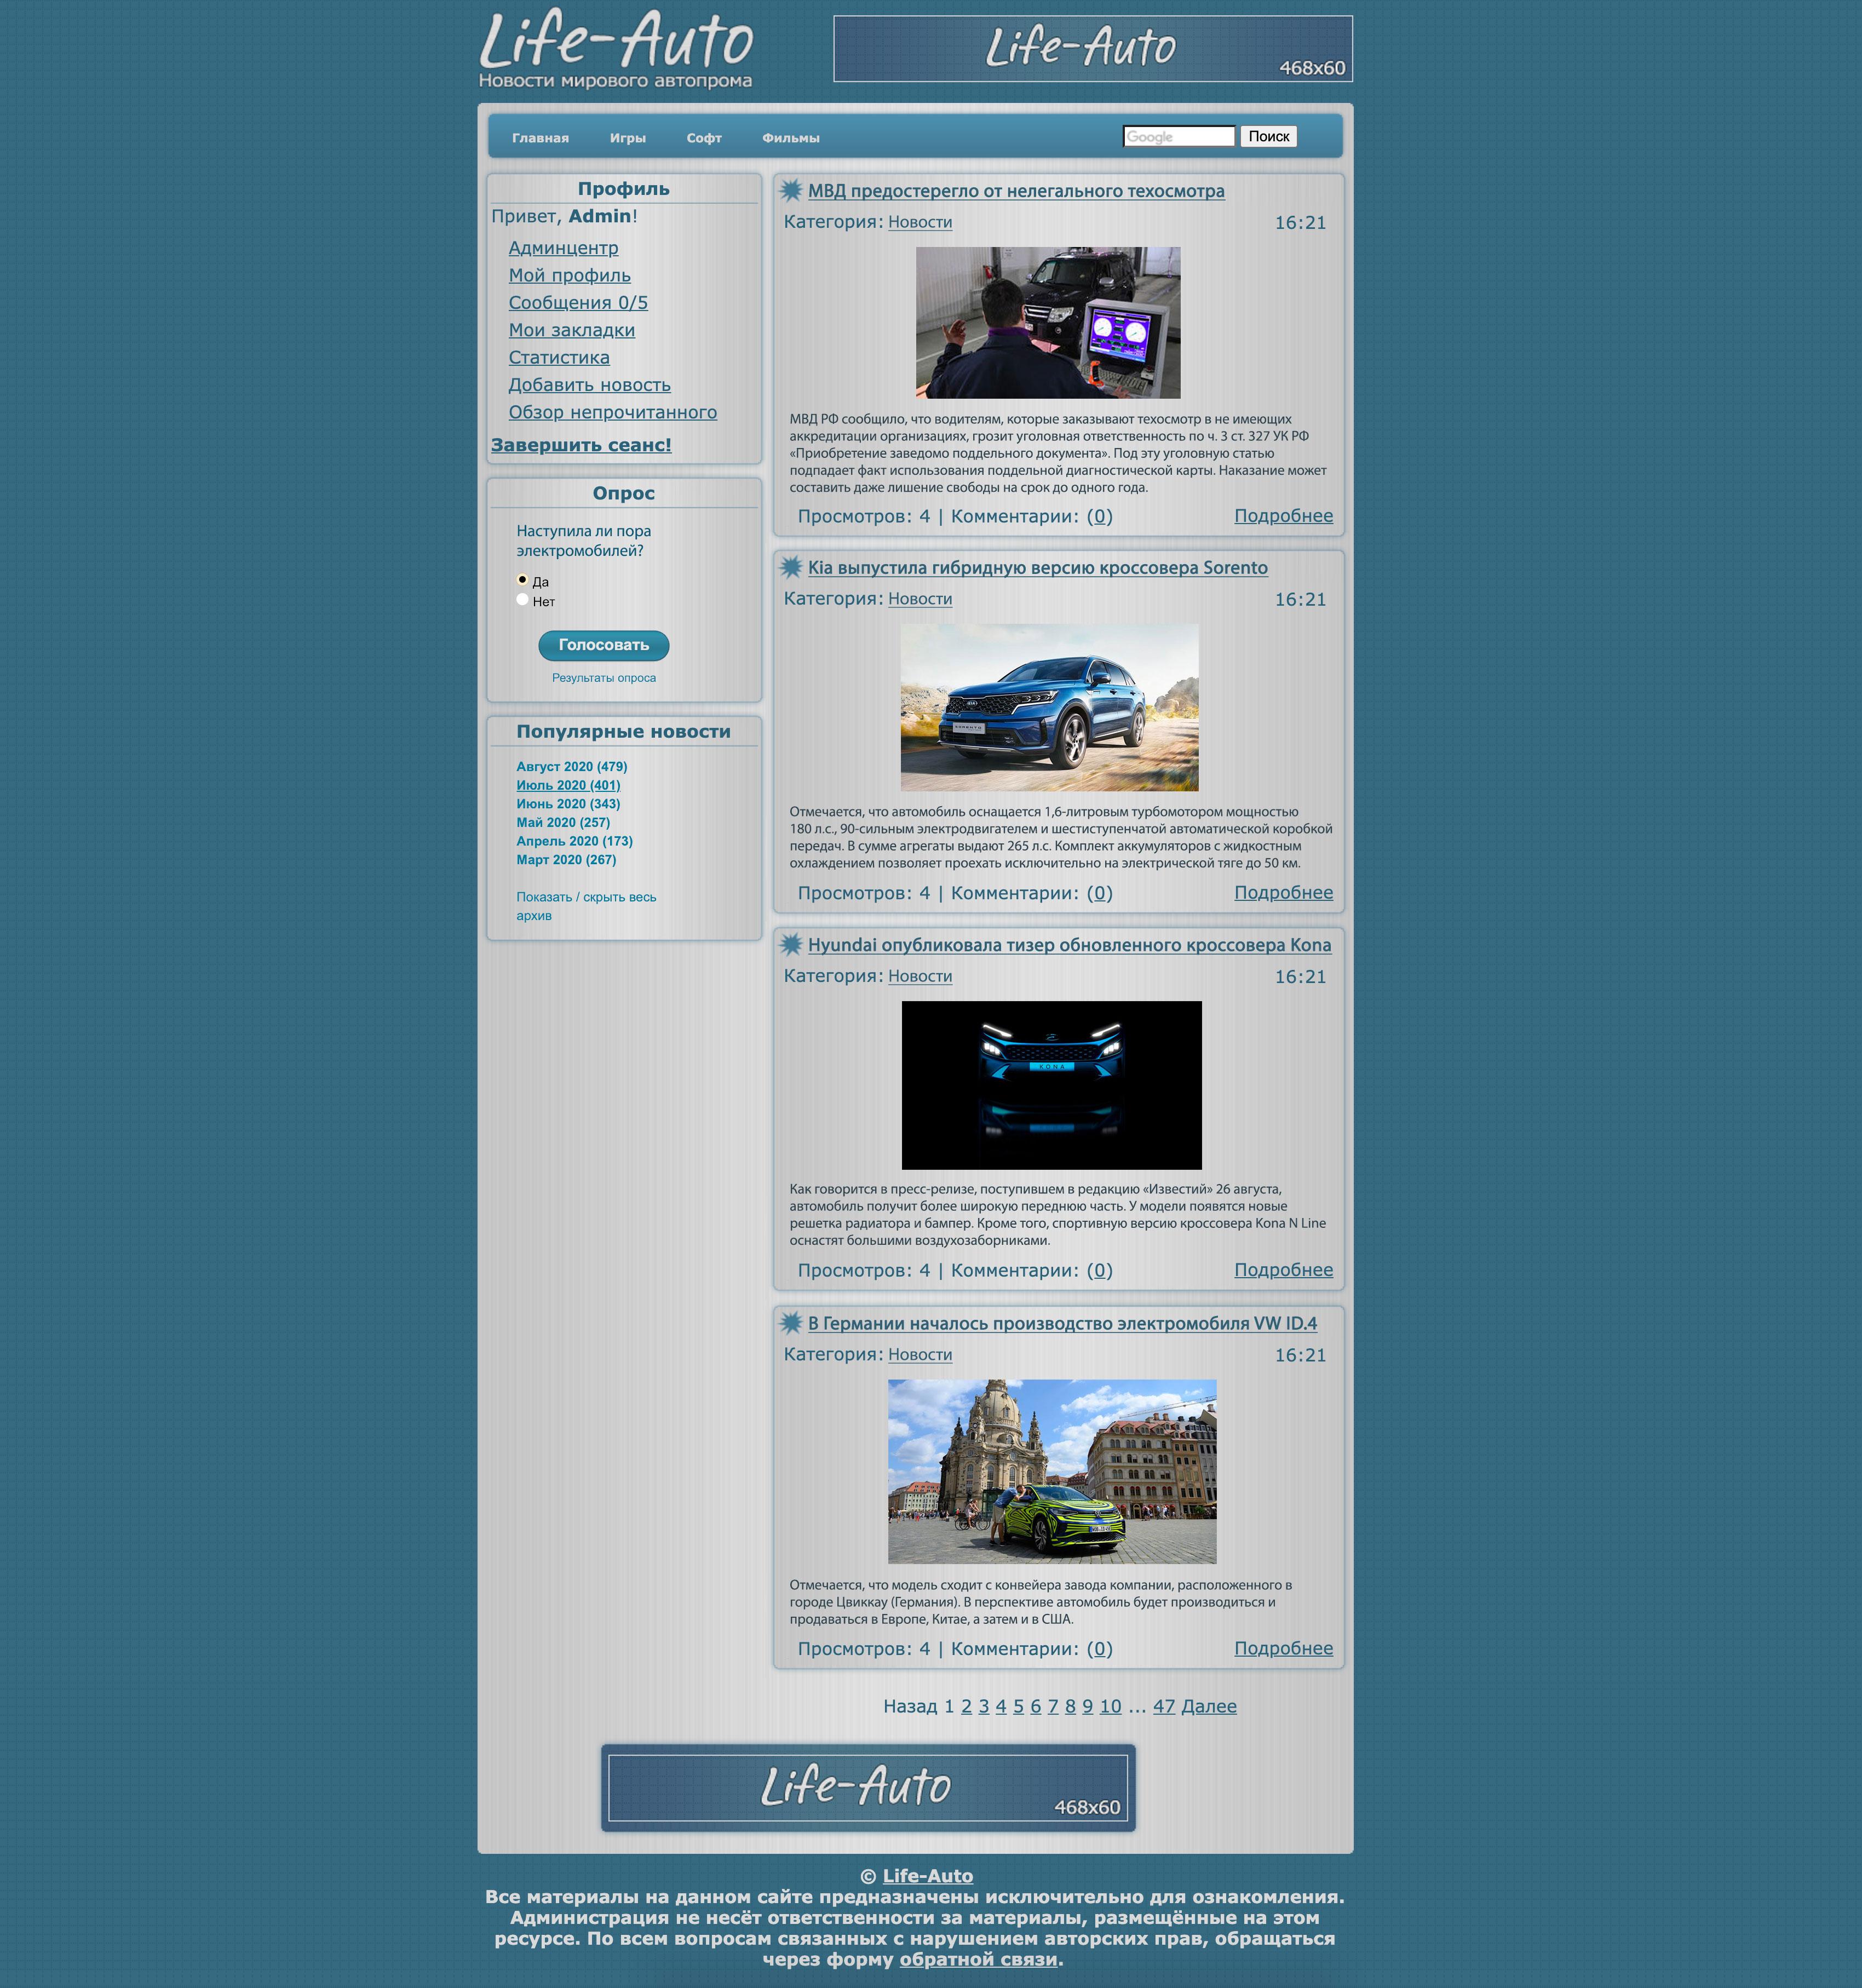 Дизайн для автомобильного сайта Life-Auto